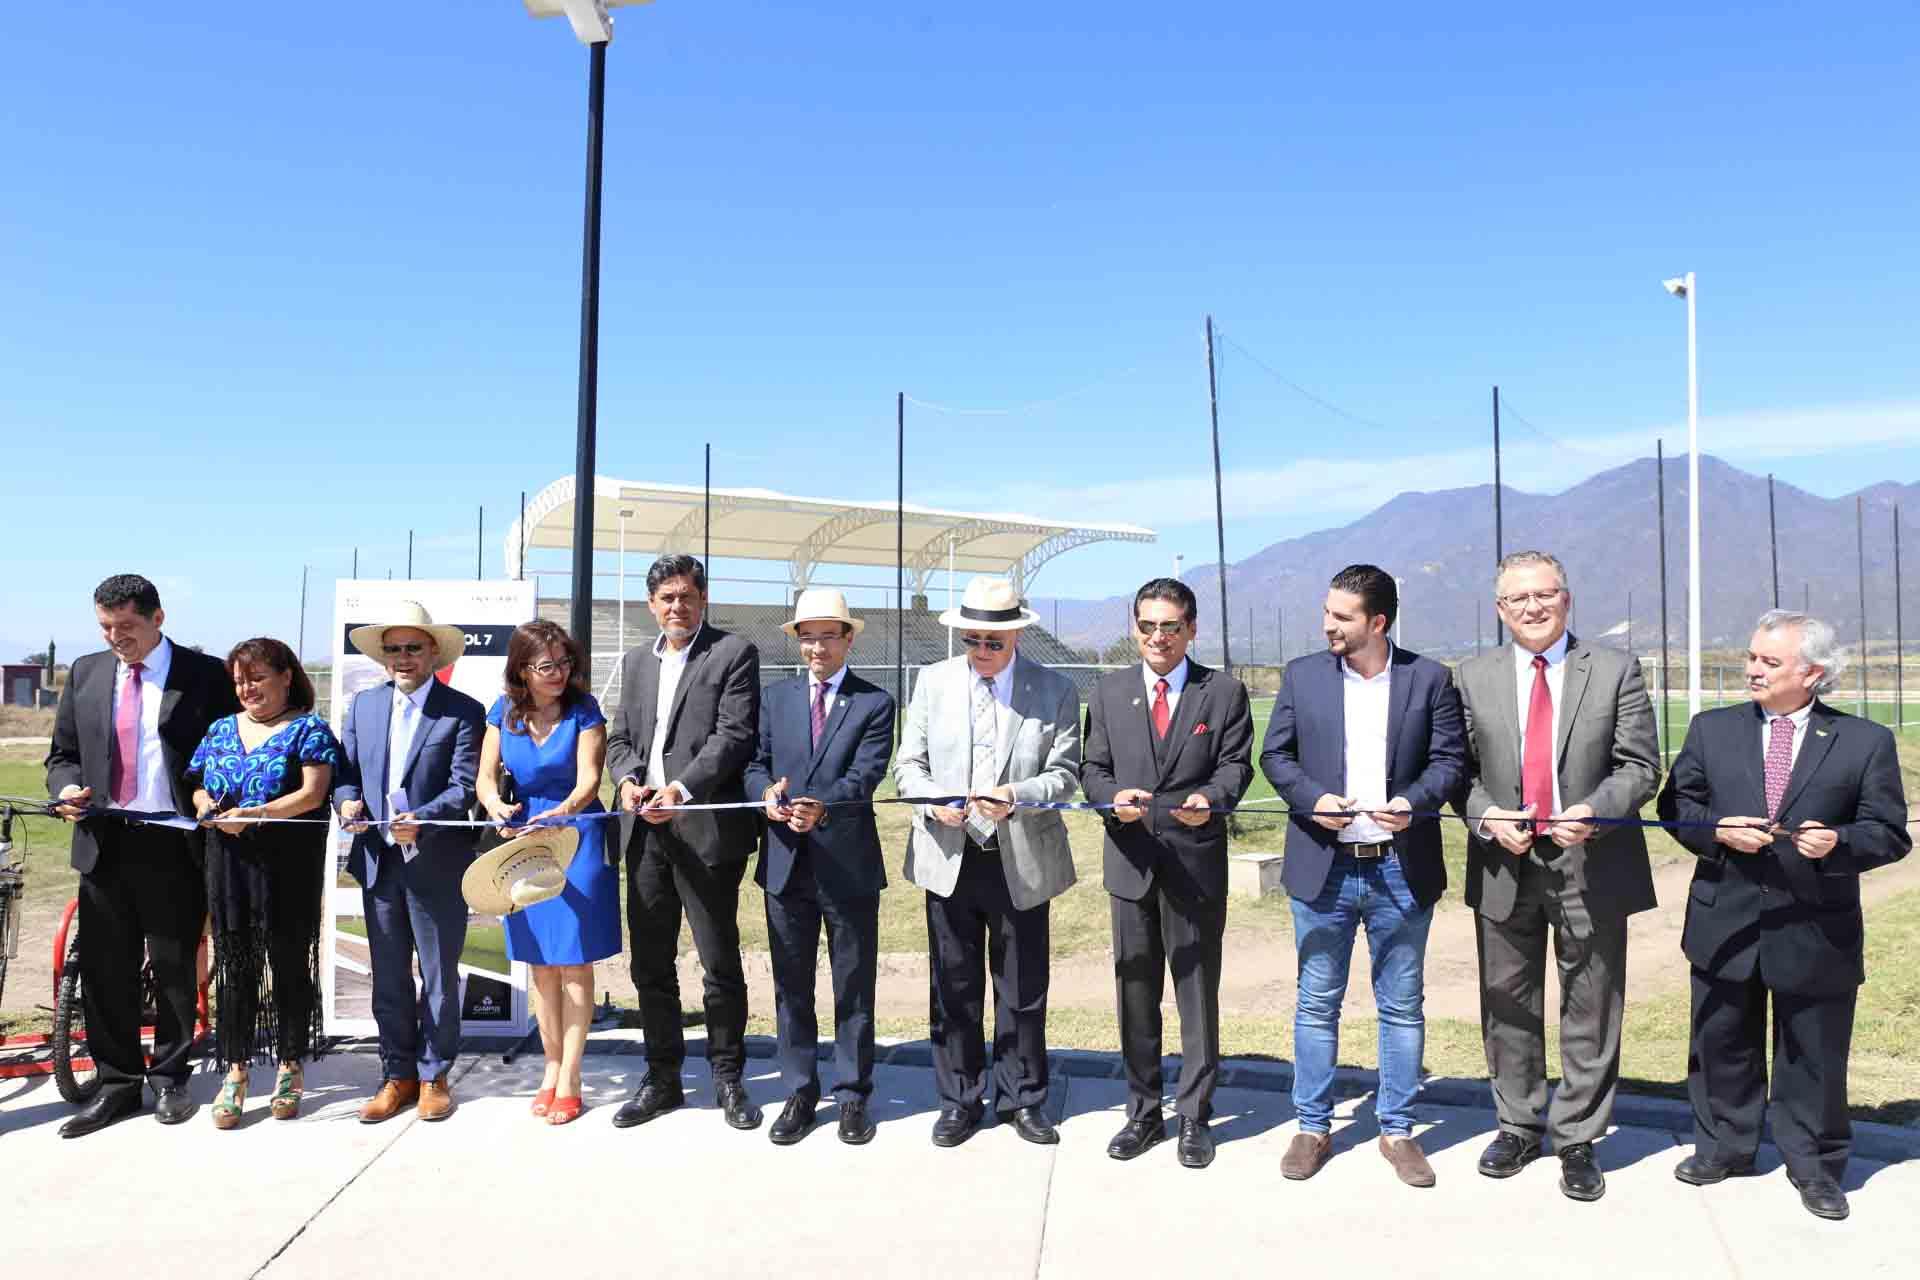 Autoridades de la Universidad de Guadalajara, de gobierno, del centro universitario  y de la región; haciendo el corte de listón de inauguración de diversas obras: el teatro al aire libre, una cancha de futbol, la plaza y el huerto solar.